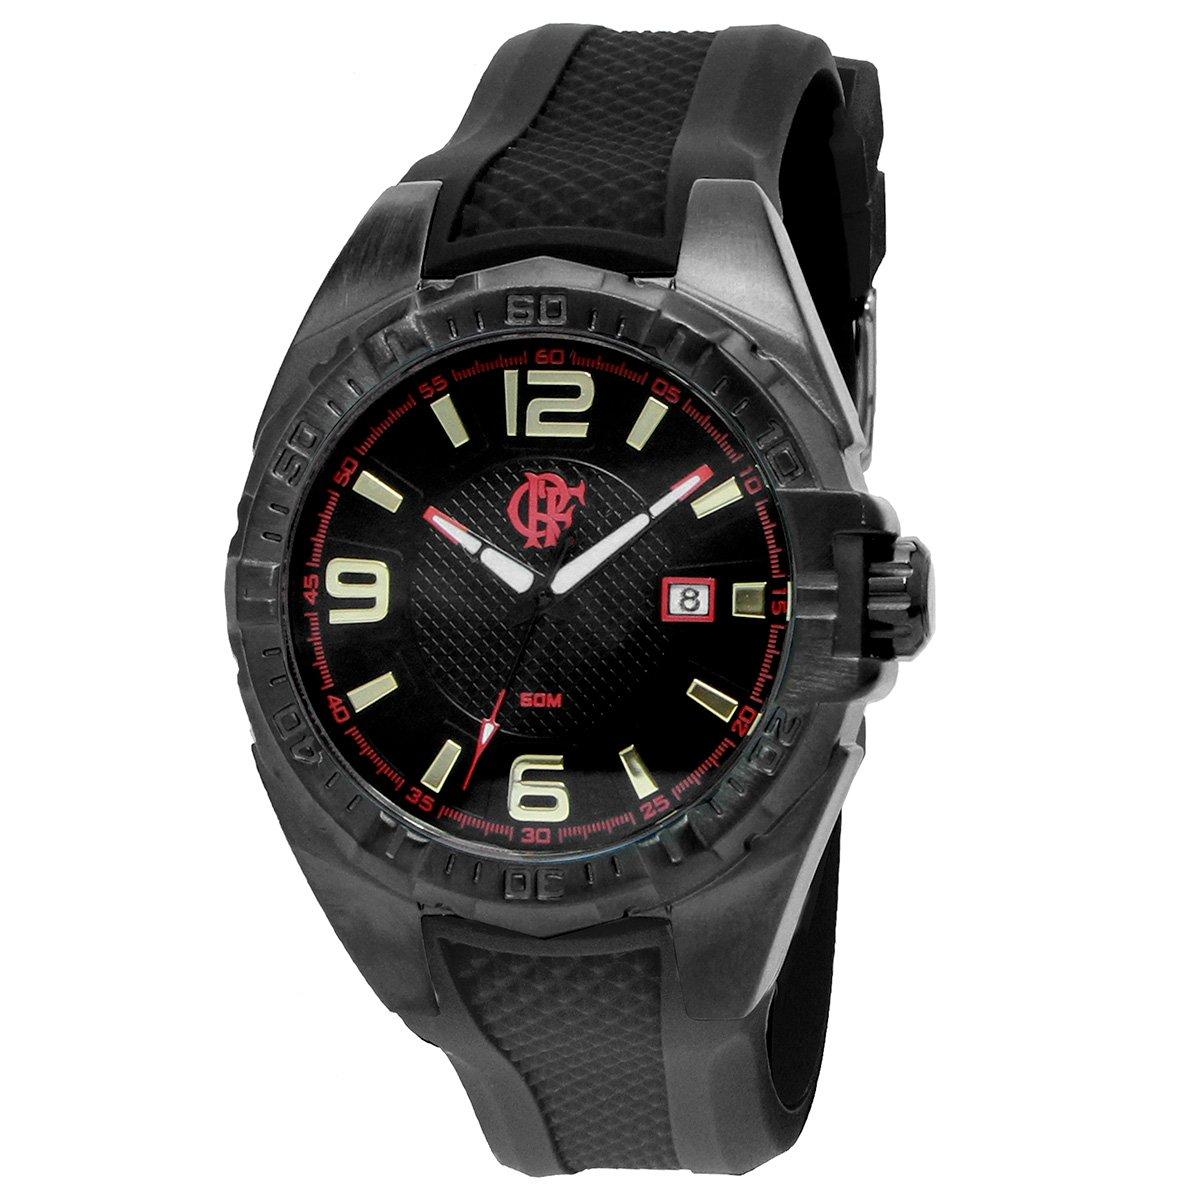 a13e0b47ceb Relógio Technos Flamengo Analógico III - Compre Agora